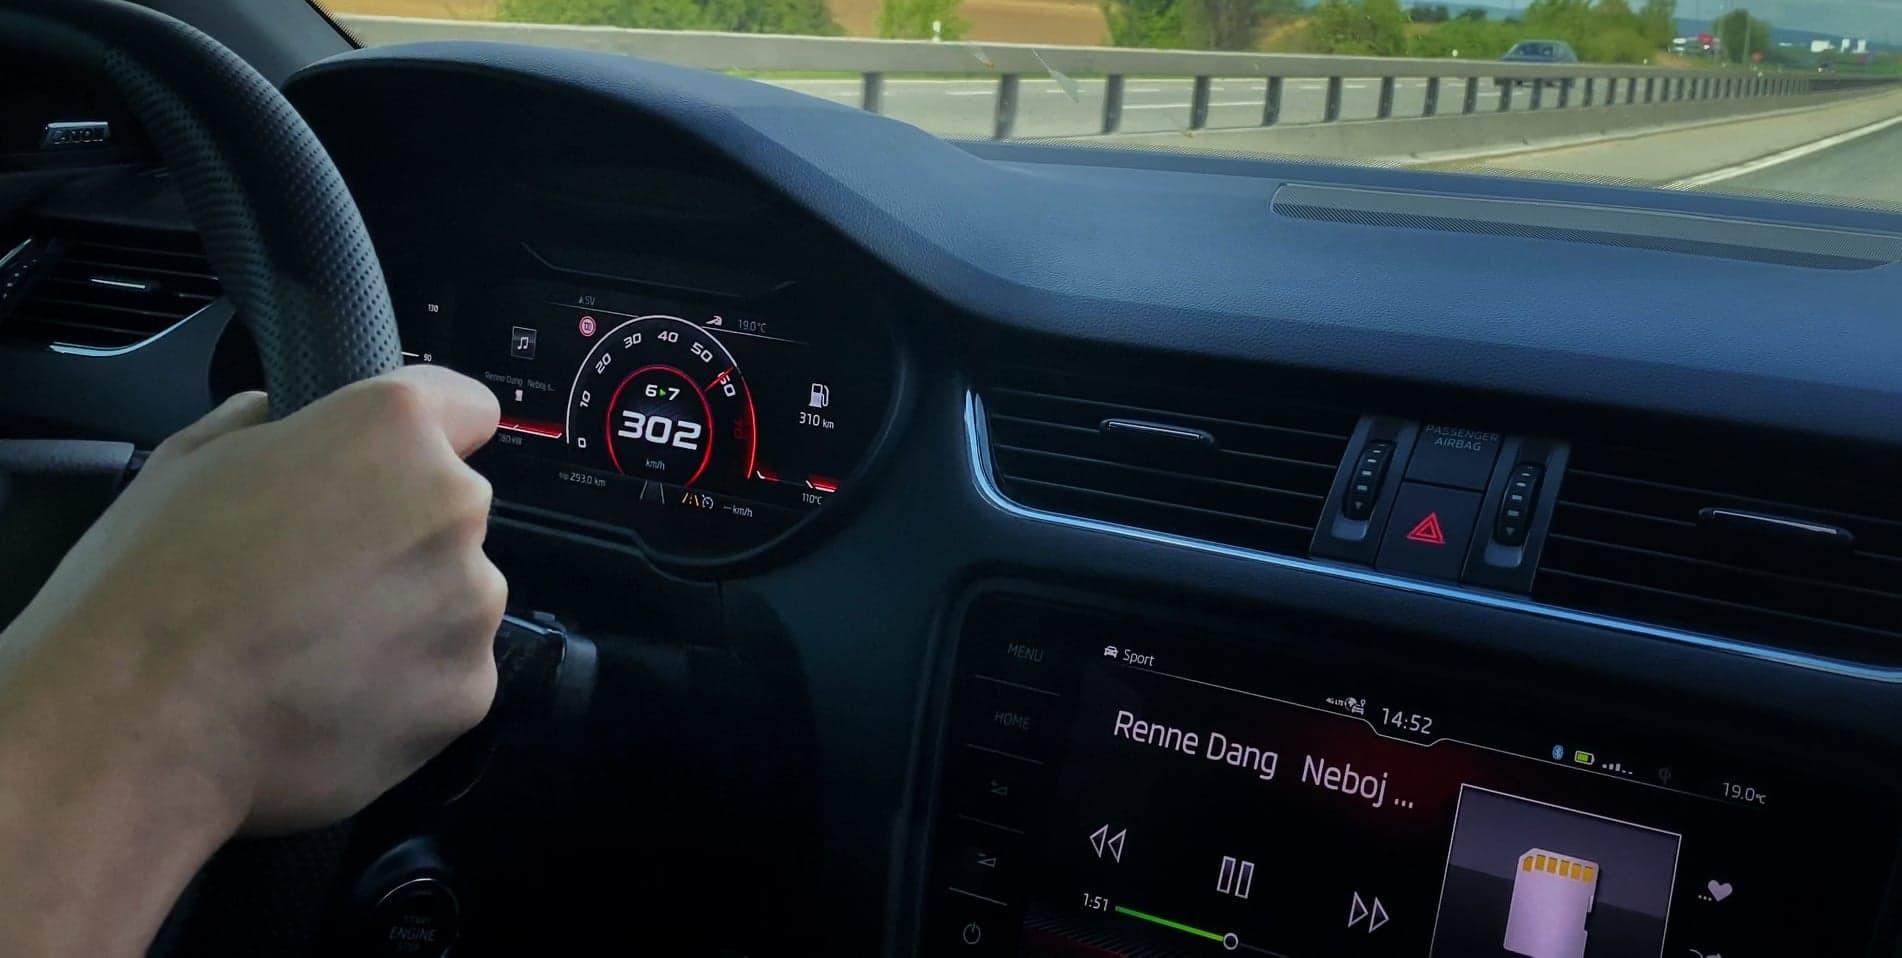 Škoda Octavia 3 RS tuning - APR 400